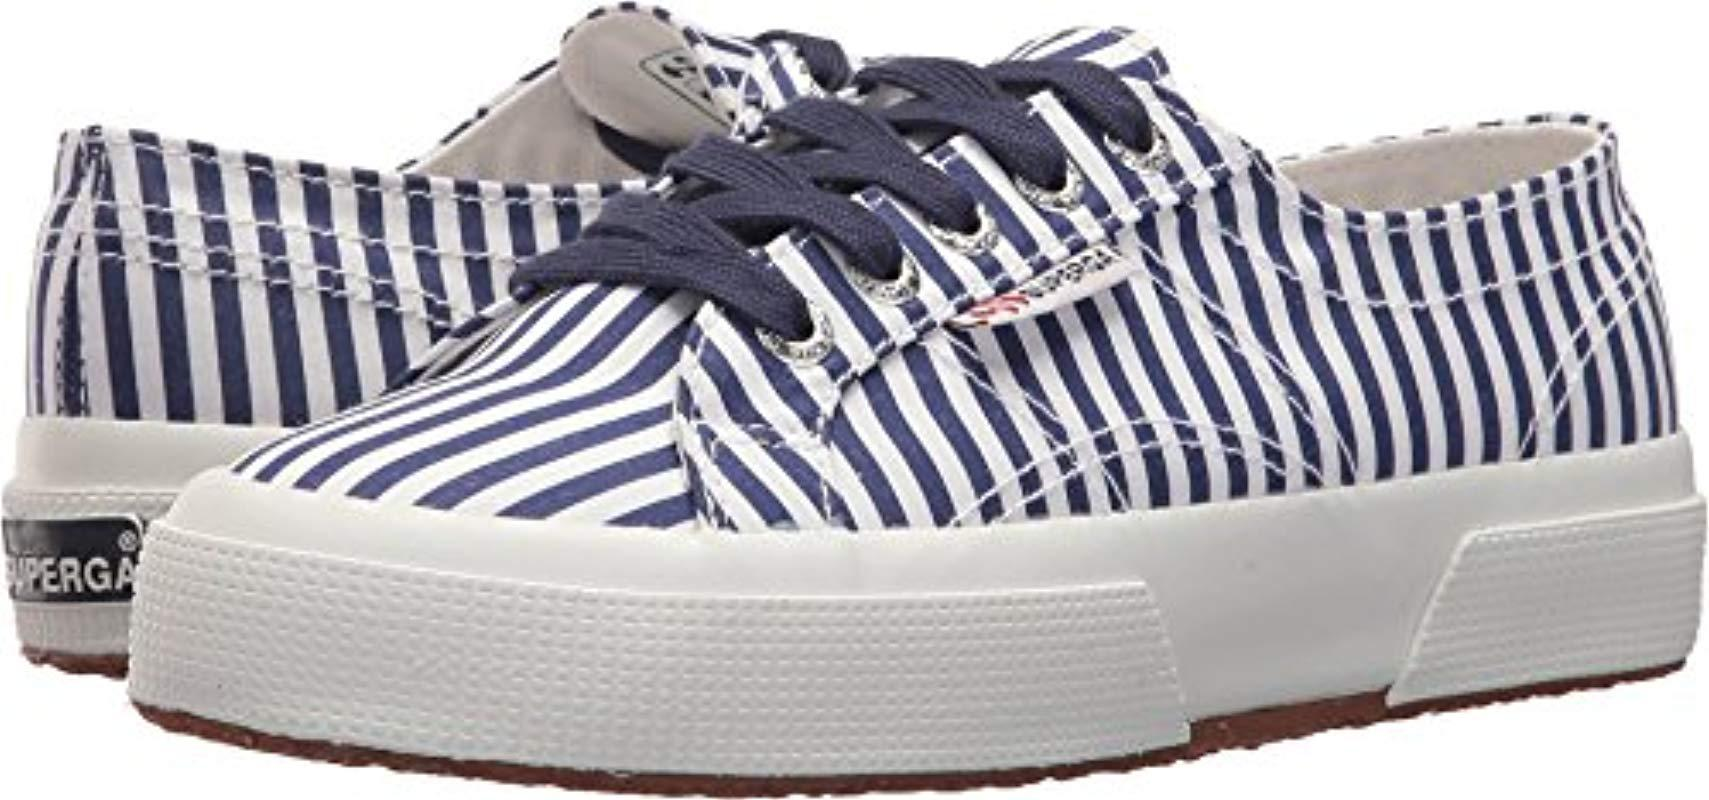 c423a2662a1a Lyst - Superga 2750 Fabricshirtu Sneaker in Blue - Save 37%